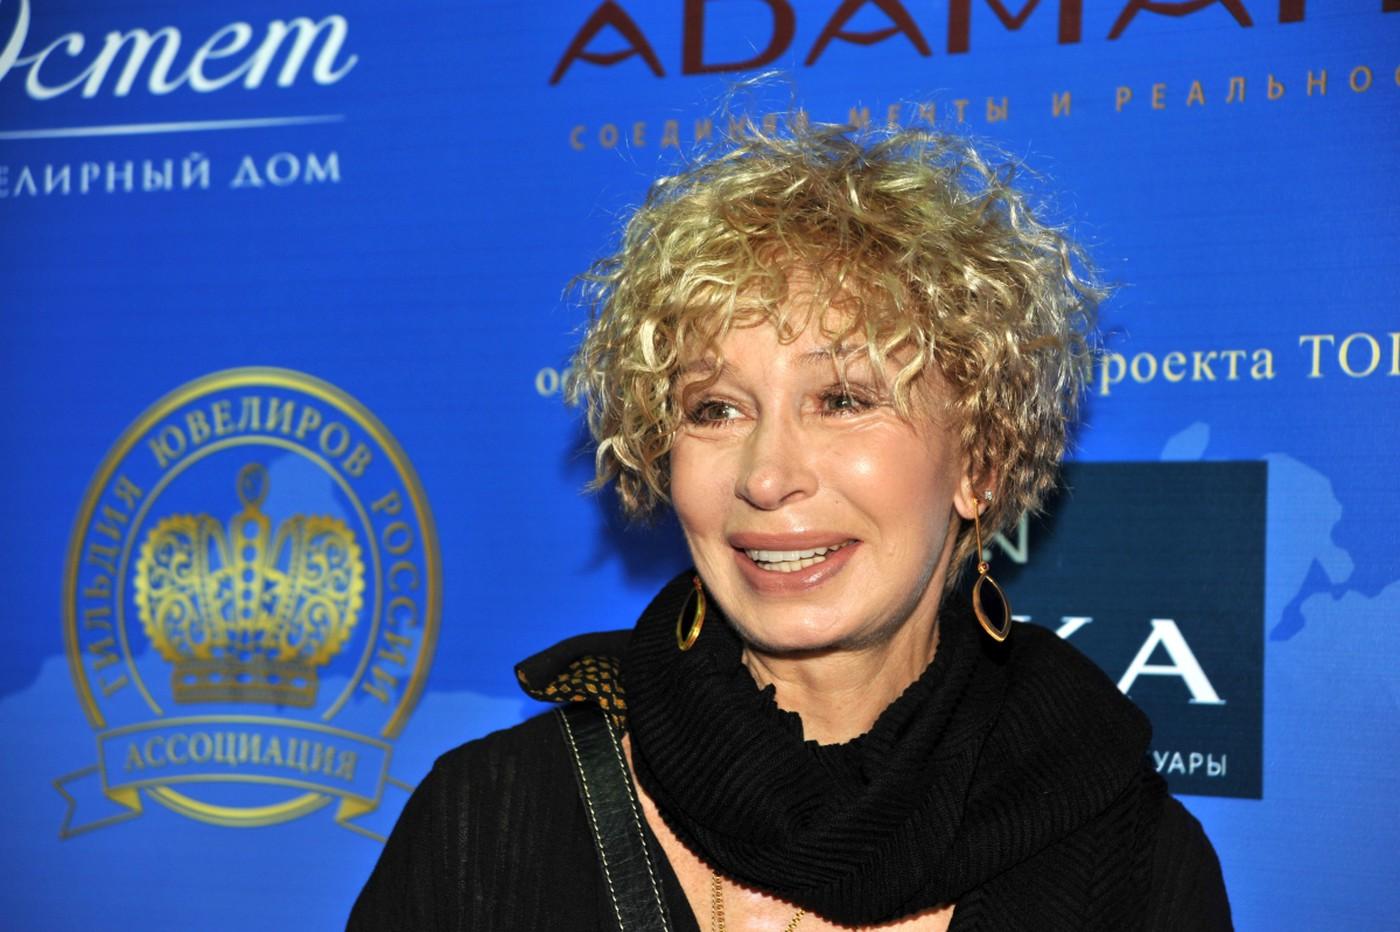 Кто бы мог подумать, что некоторые знаменитости в детстве страдали от смешных кличек. Кто из российских звезд сменил обидное прозвище на интересный псевдоним?